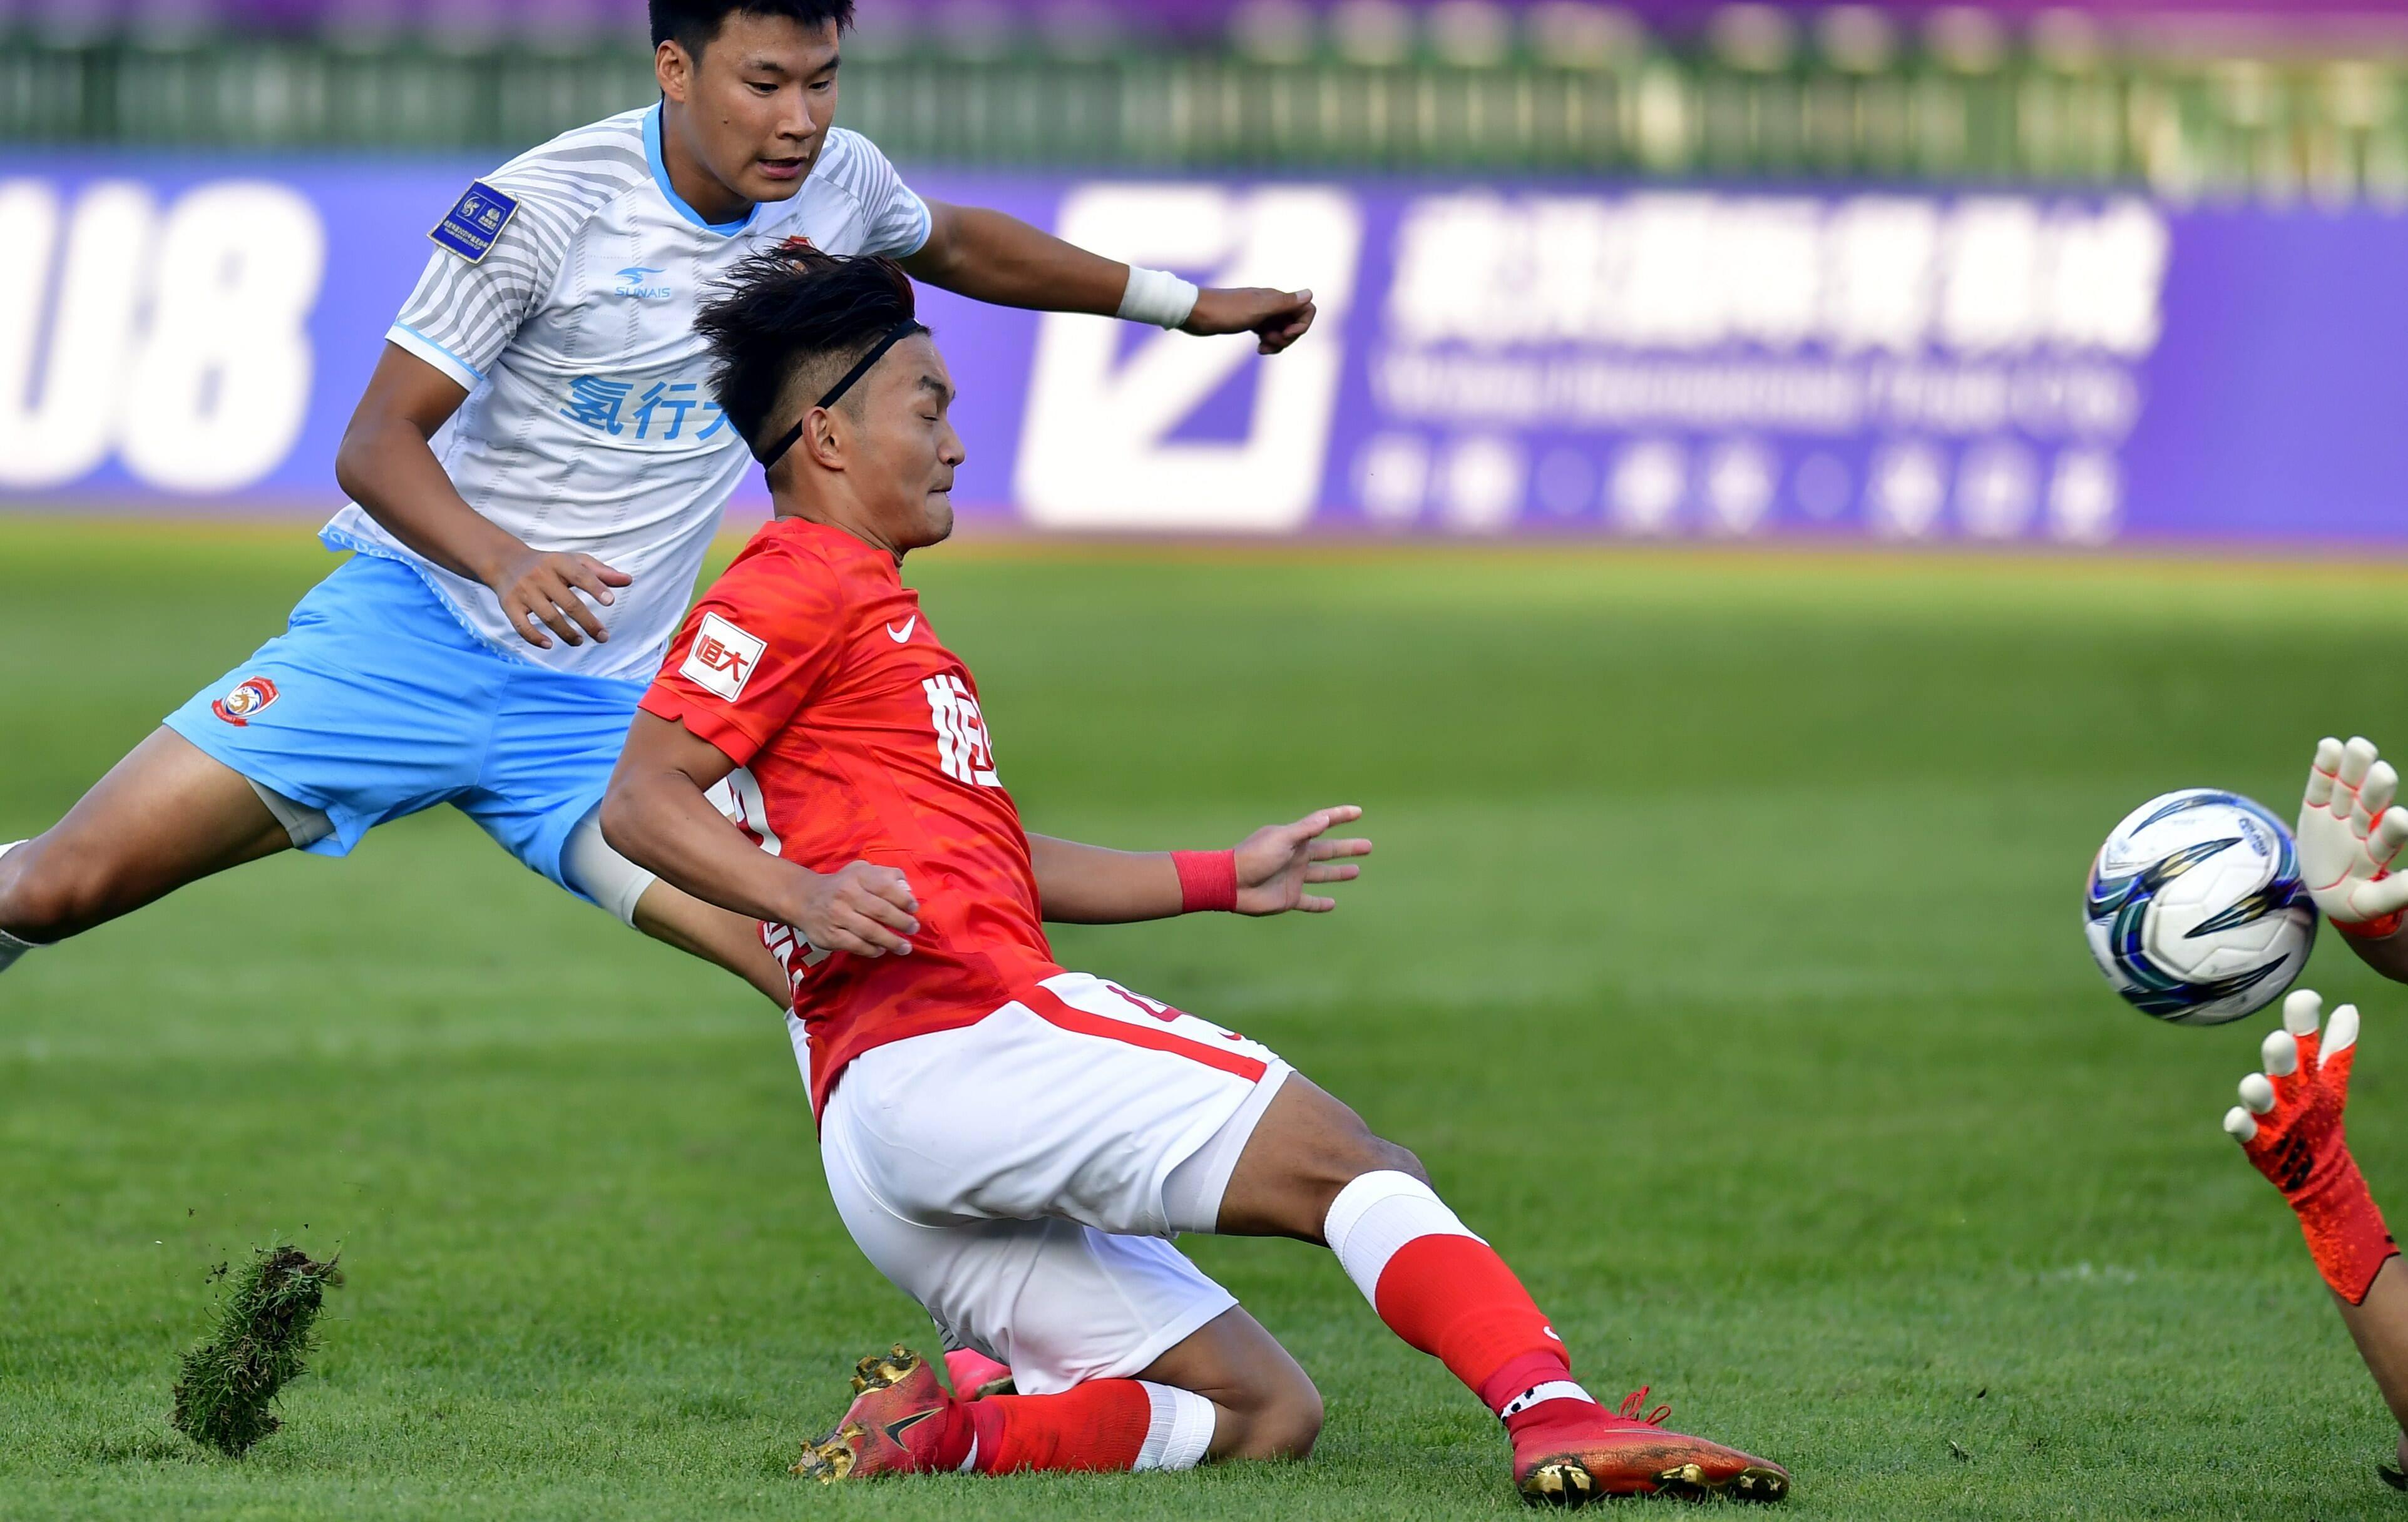 省体再次上演足协杯,首场比赛广州队0-1不敌青岛青春岛